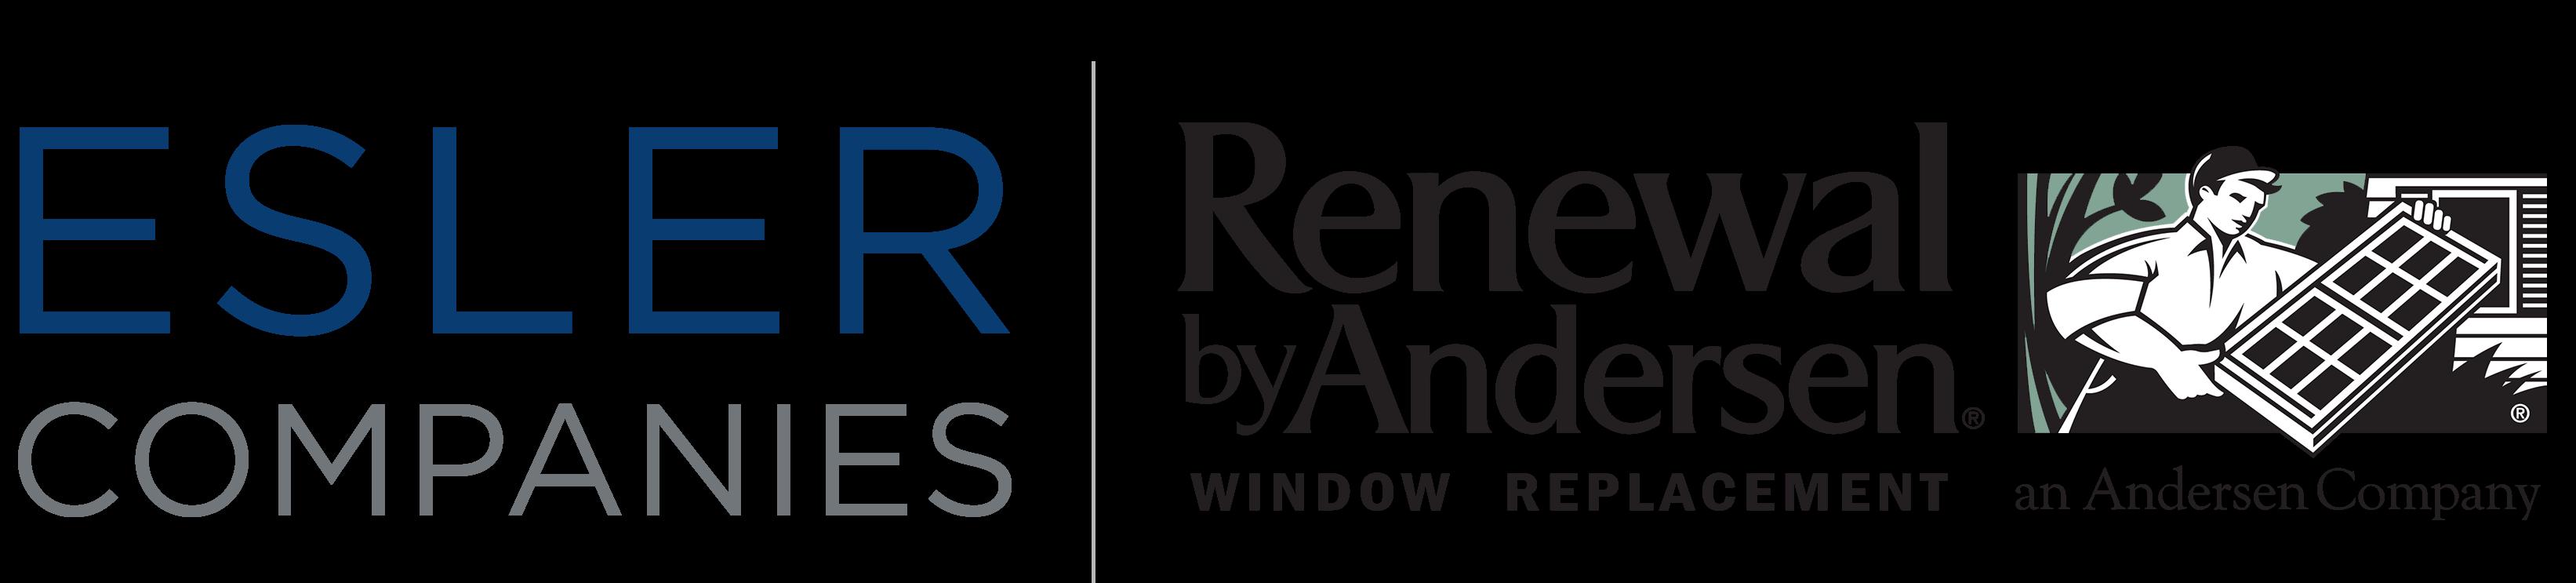 Renewal by Andersen | Esler Companies logo